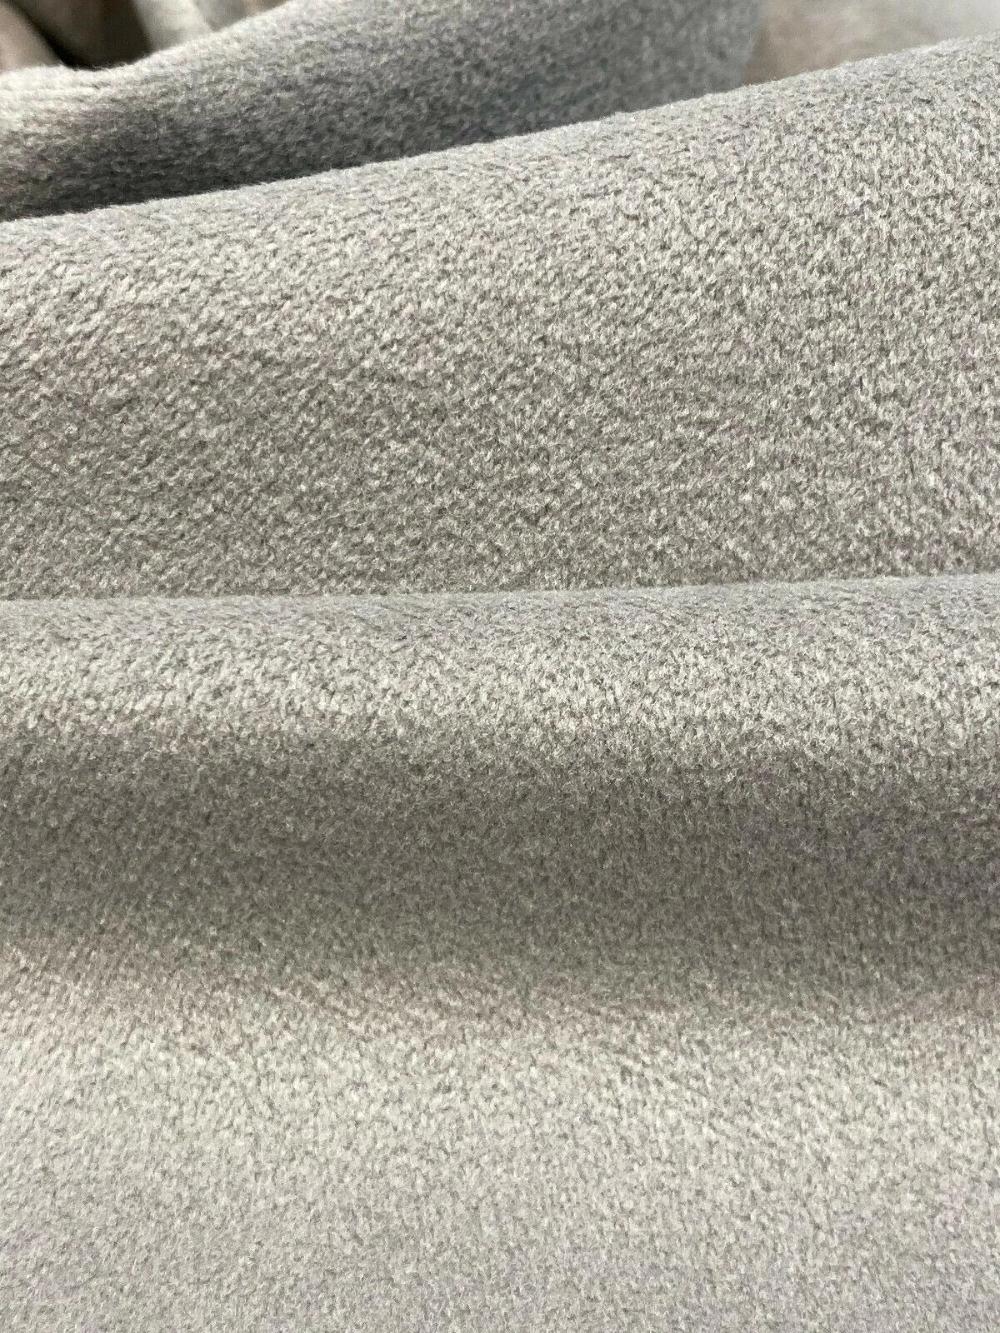 Fabricut Silver Lush Velvet Upholstery Fabric By The Yard #velvetupholsteryfabric